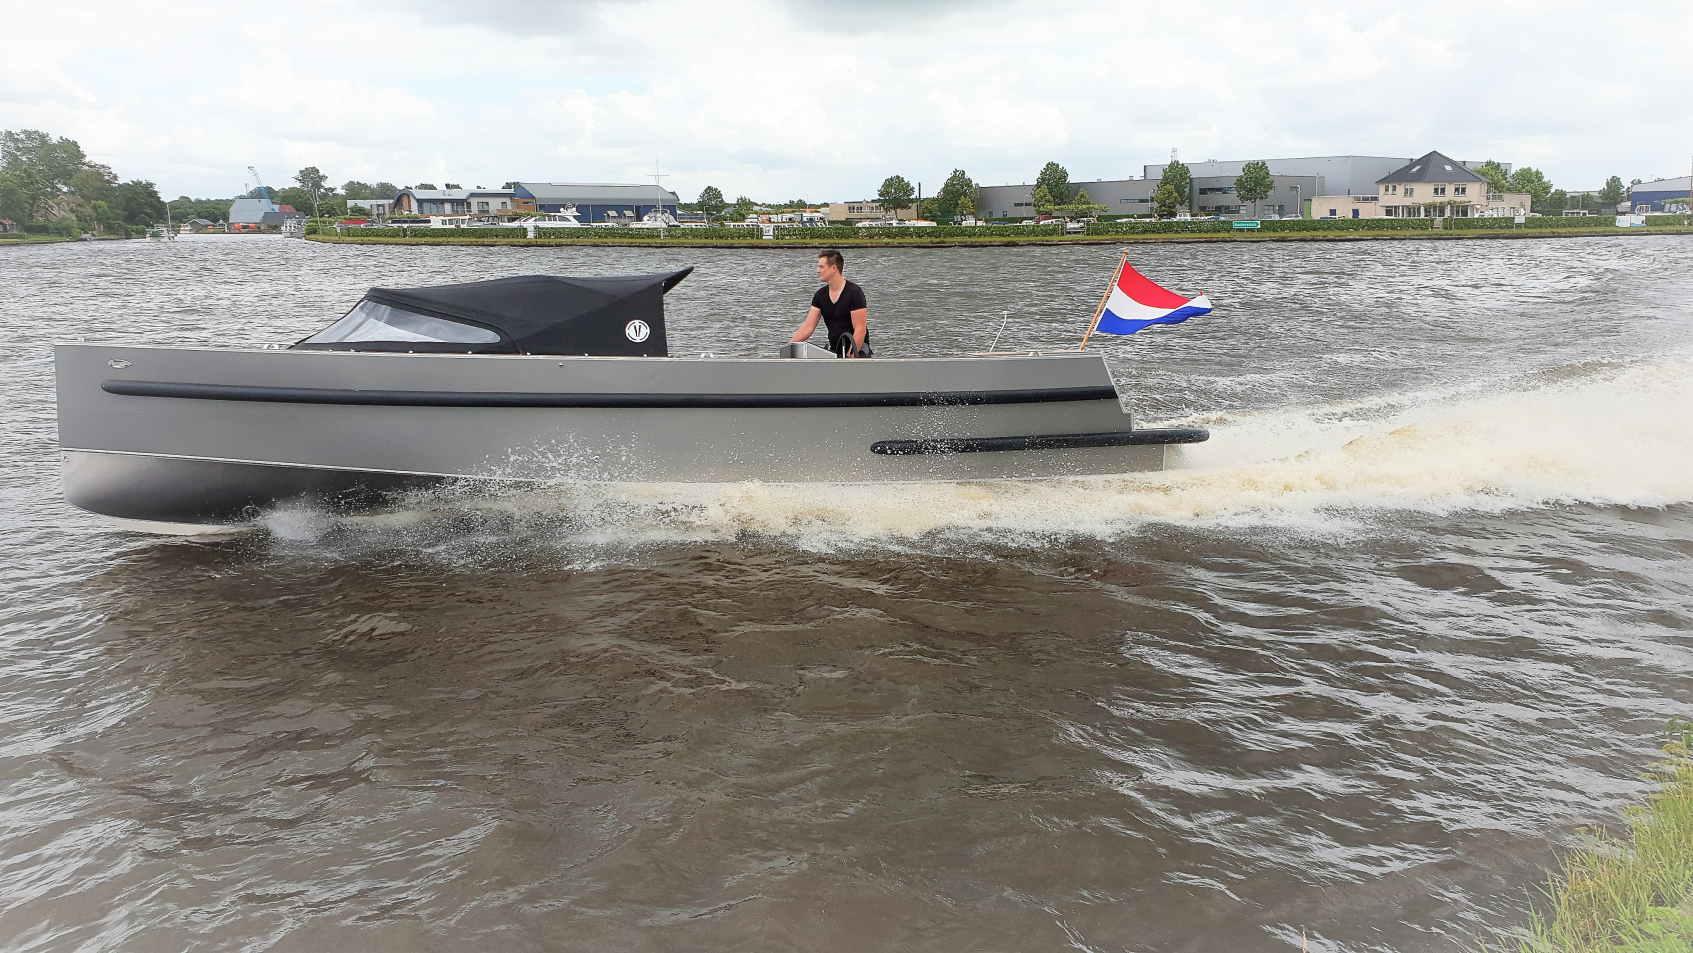 VanVossen Tender 888